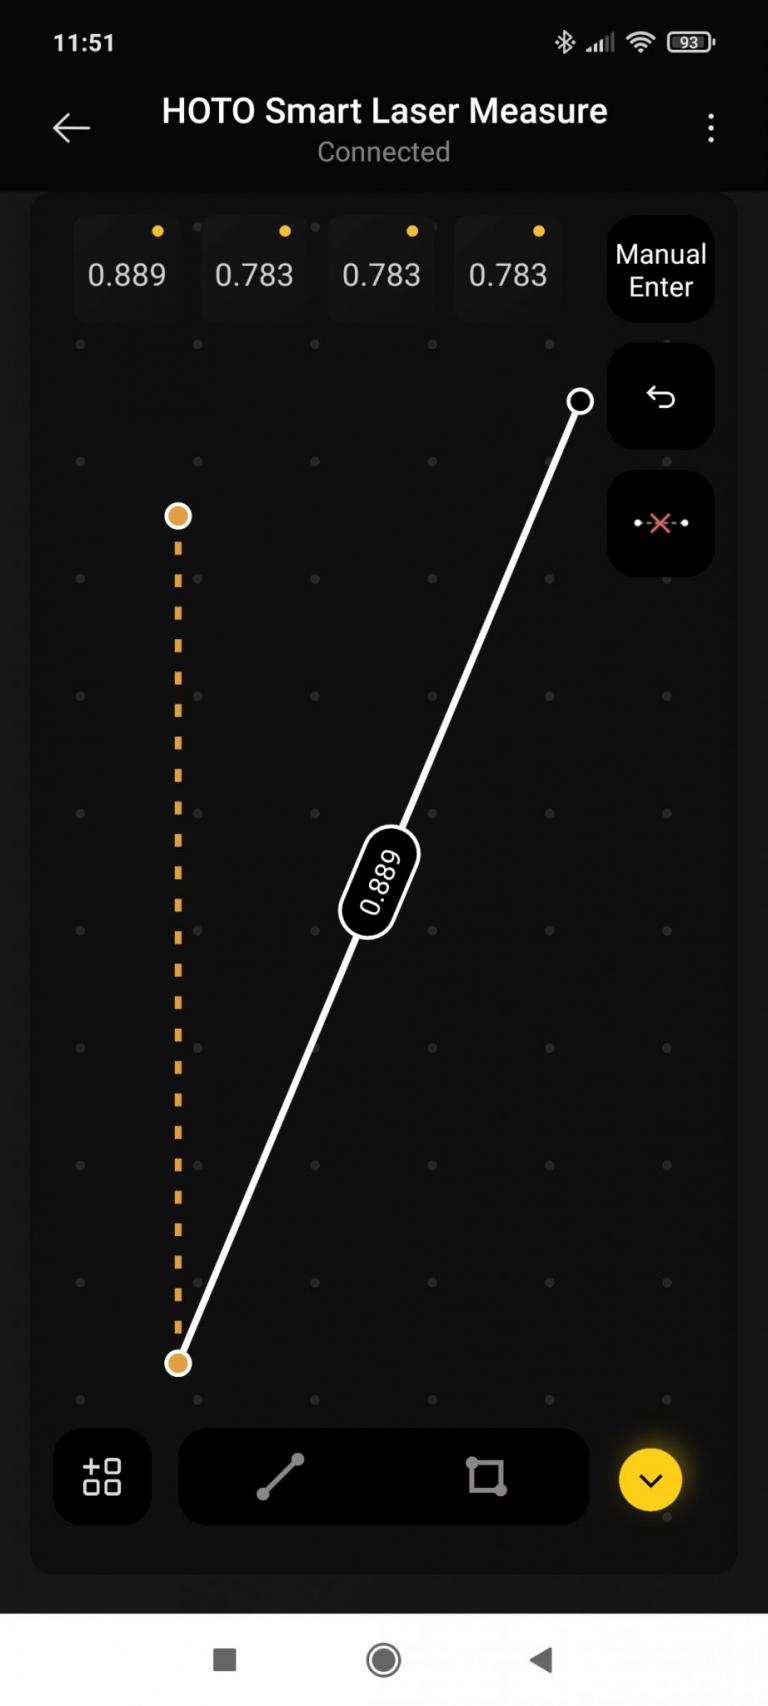 HOTO lézeres okos távolságmérő teszt 15